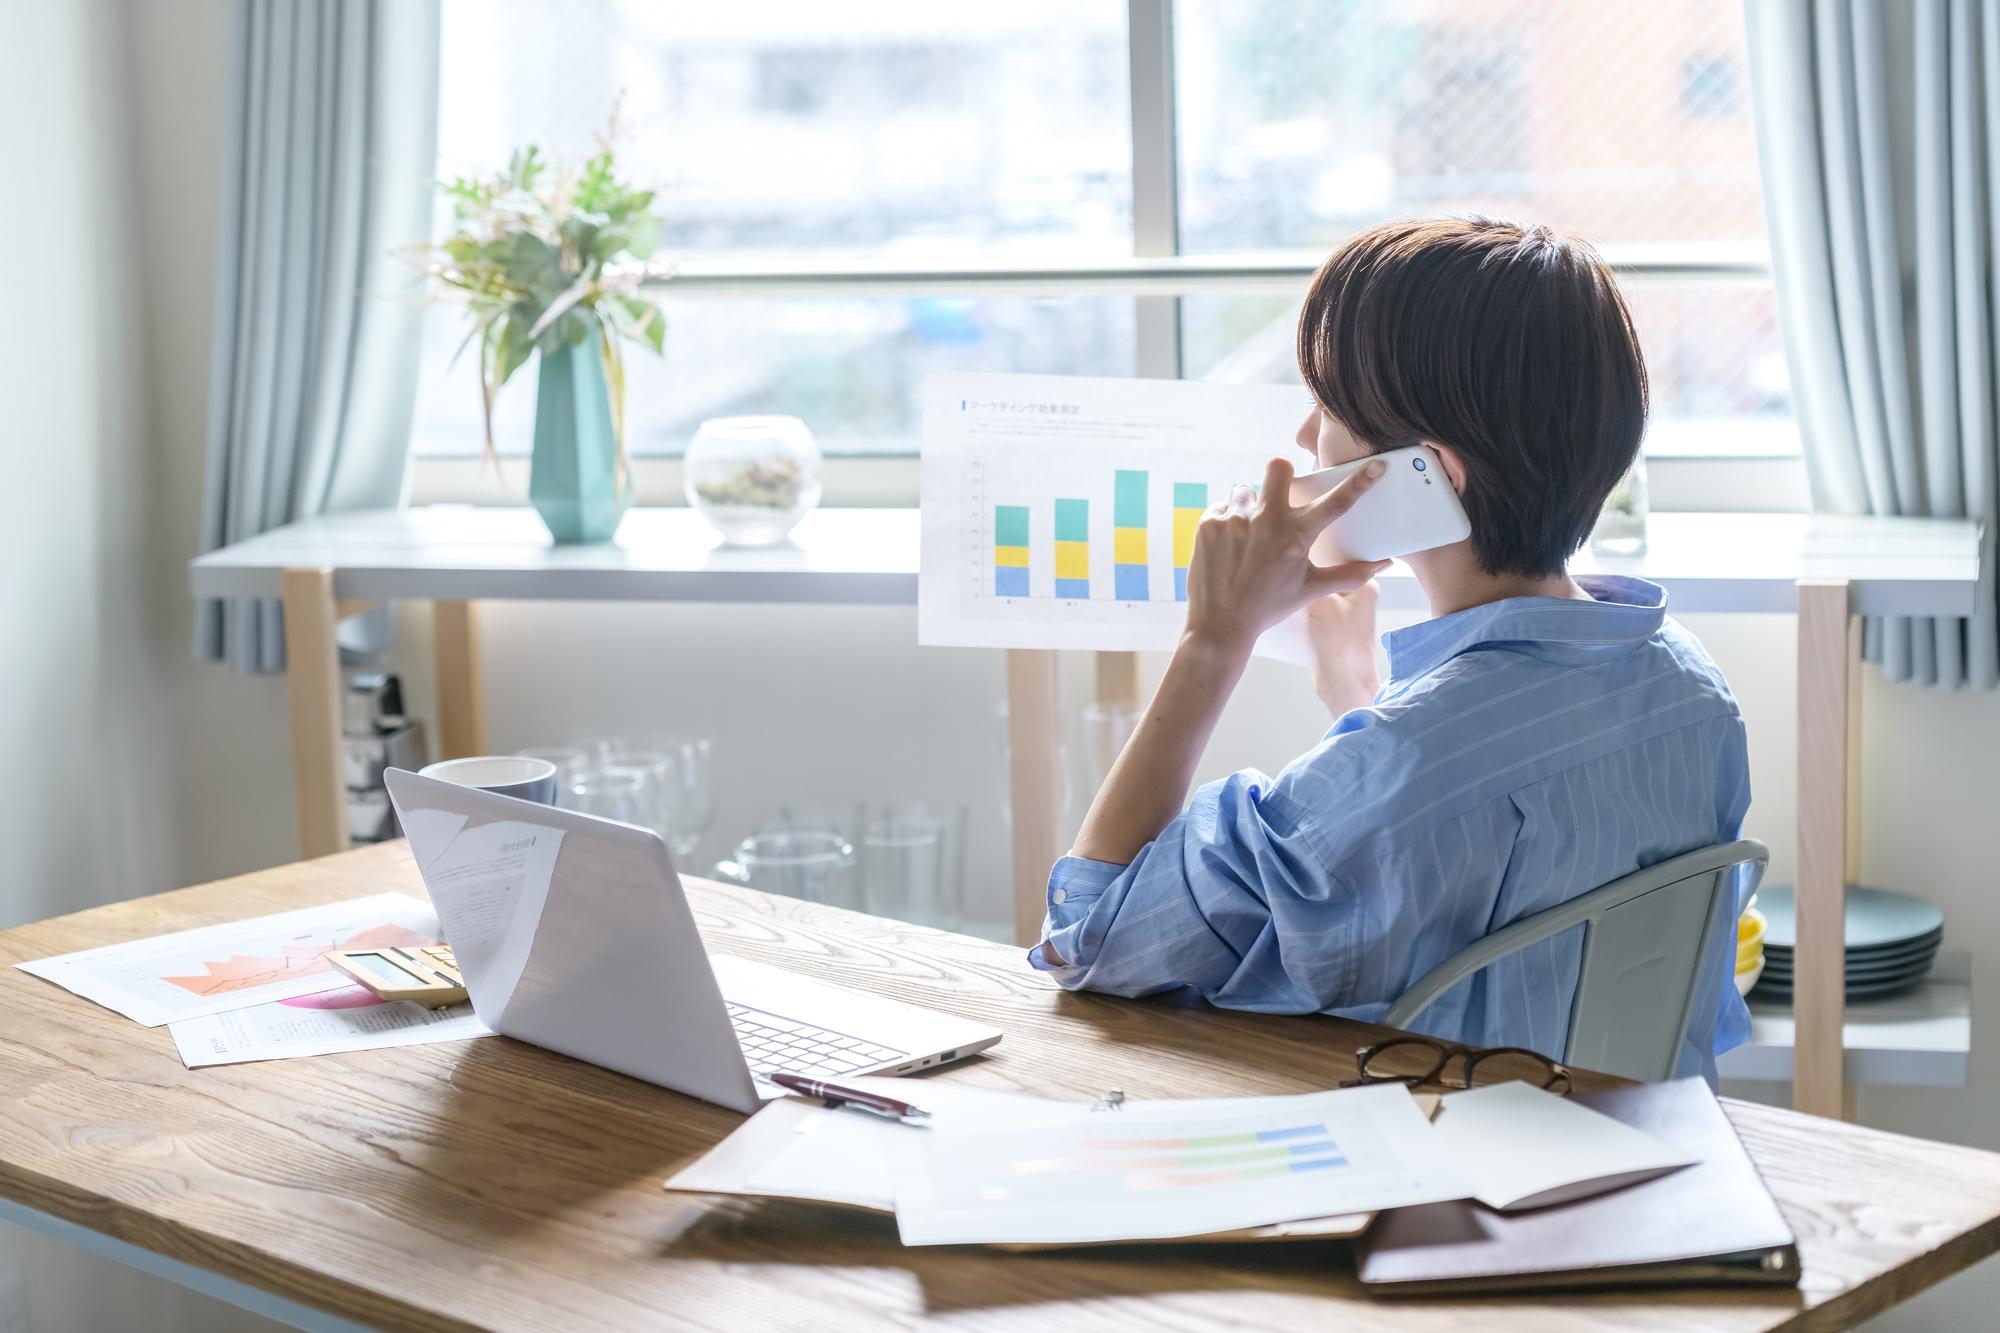 ひとりでもOK!作業に集中したい人向け、コンパクトなレンタルスペース4選|TIME SHARING|タイムシェアリング|スペースマネジメント|あどばる|adval|SHARING